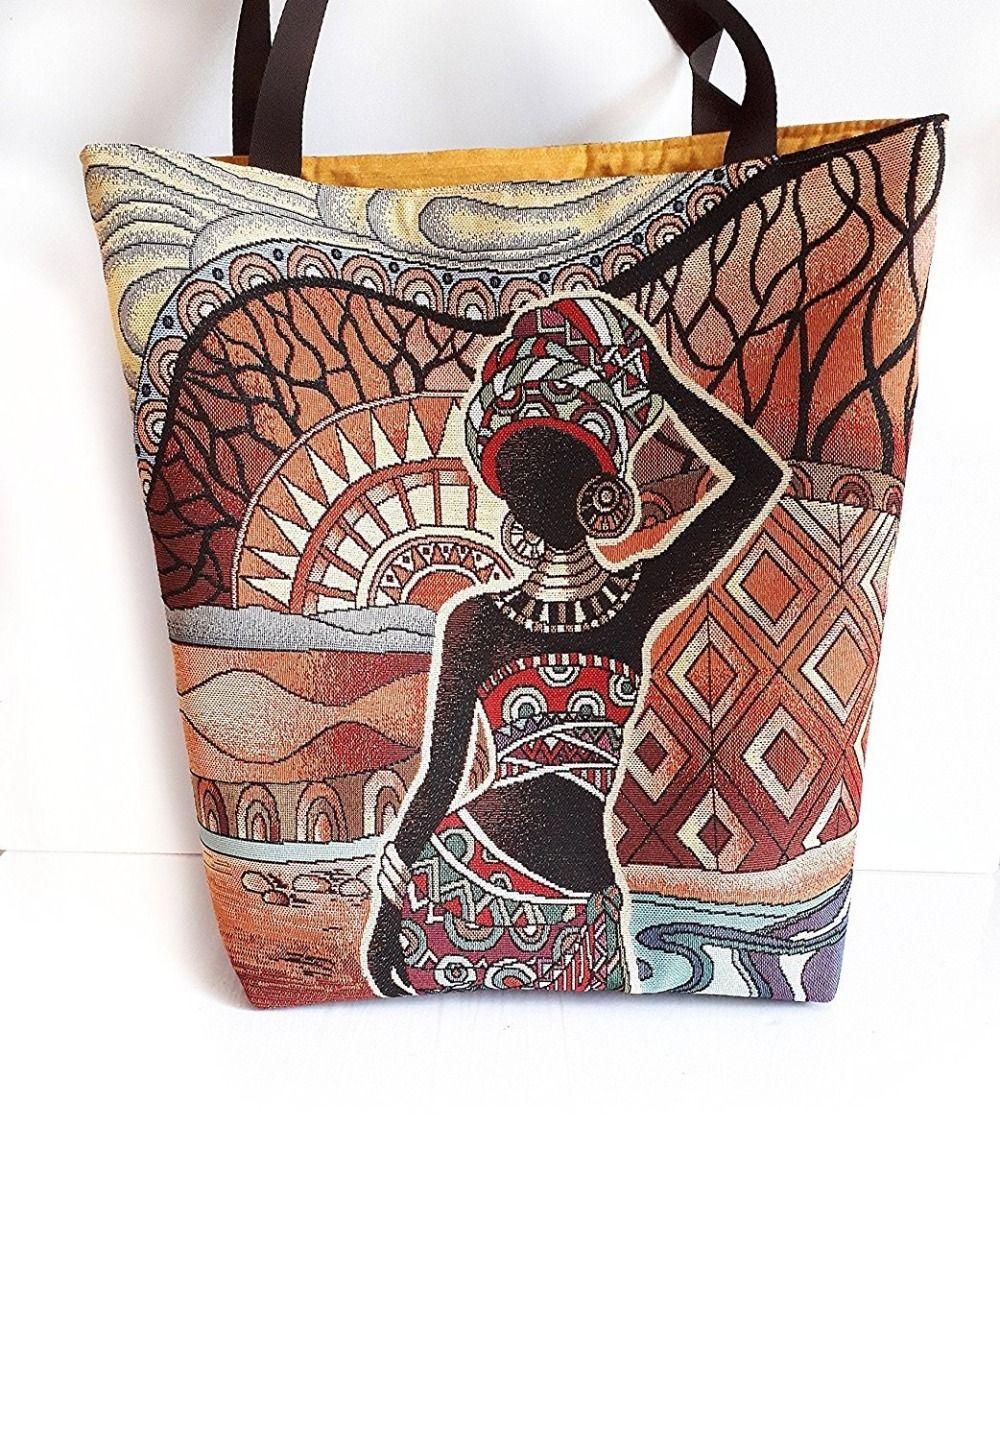 4857ebfb1e Sac à main porté épaule ethnique sac cabas femme africain sac suédine et  tissu marron femme